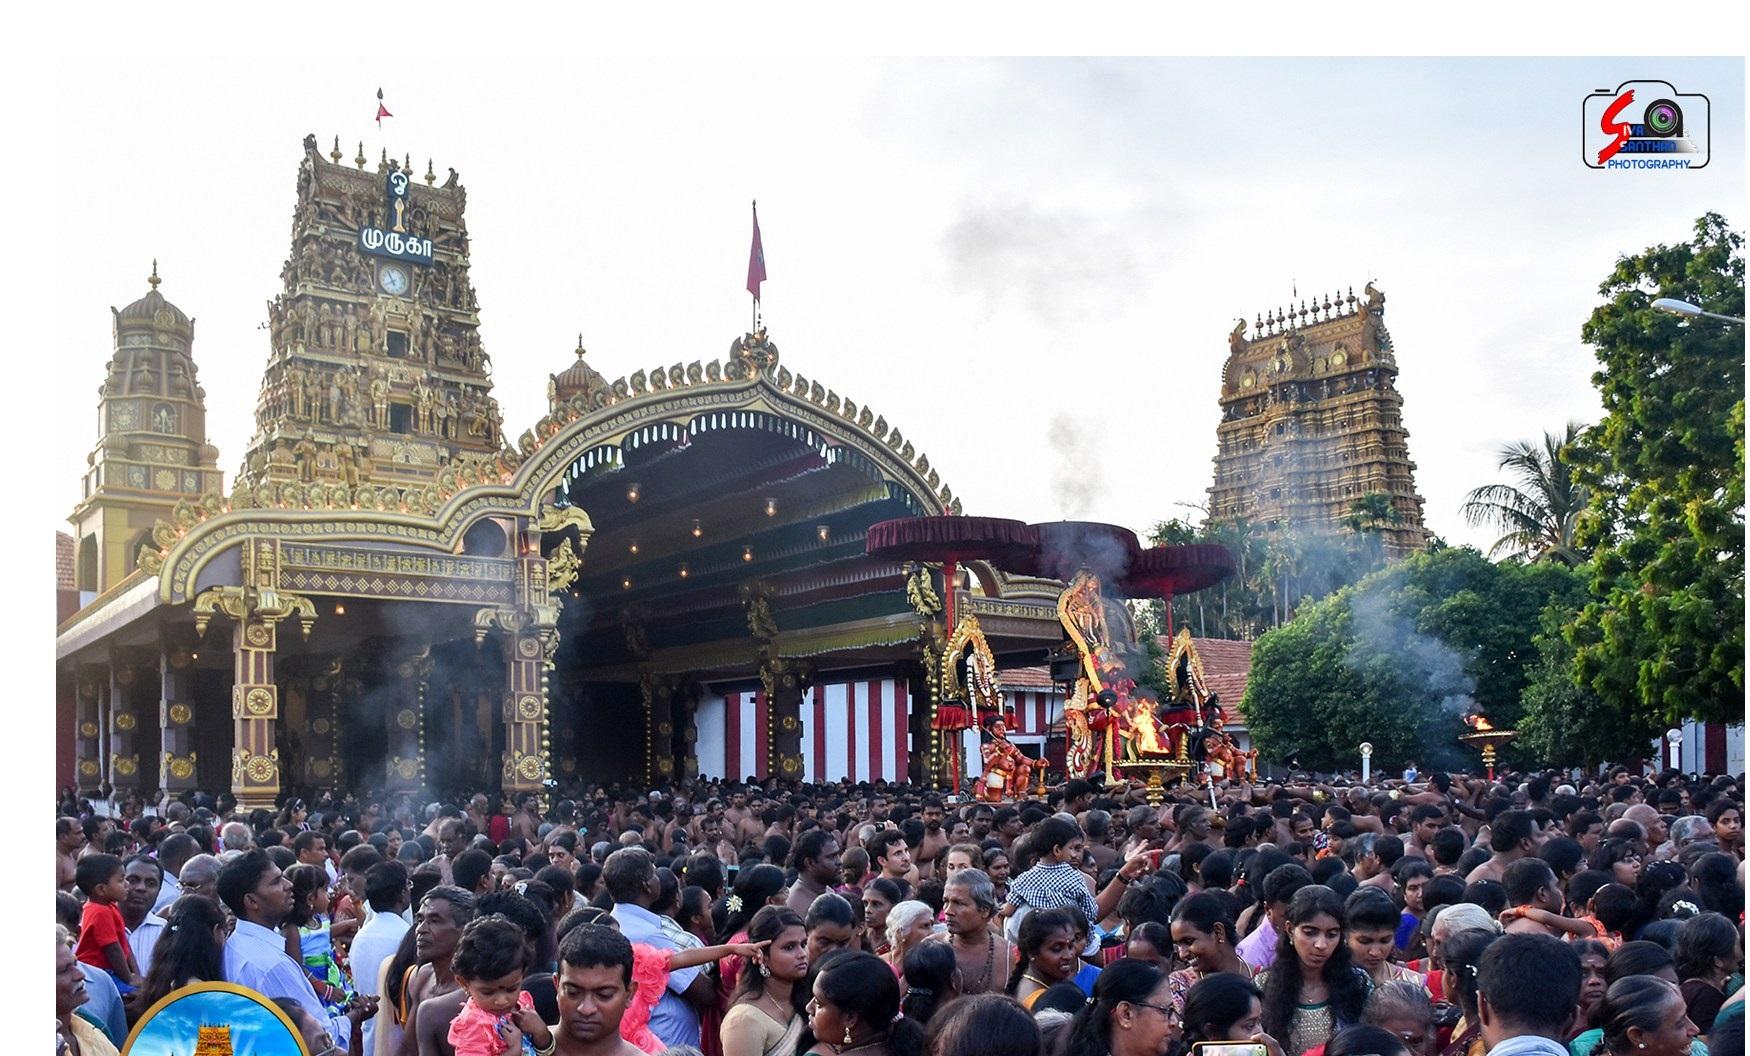 நல்லூர் கந்தசுவாமி கோவில் 17ம் திருவிழா – 13.08.2017